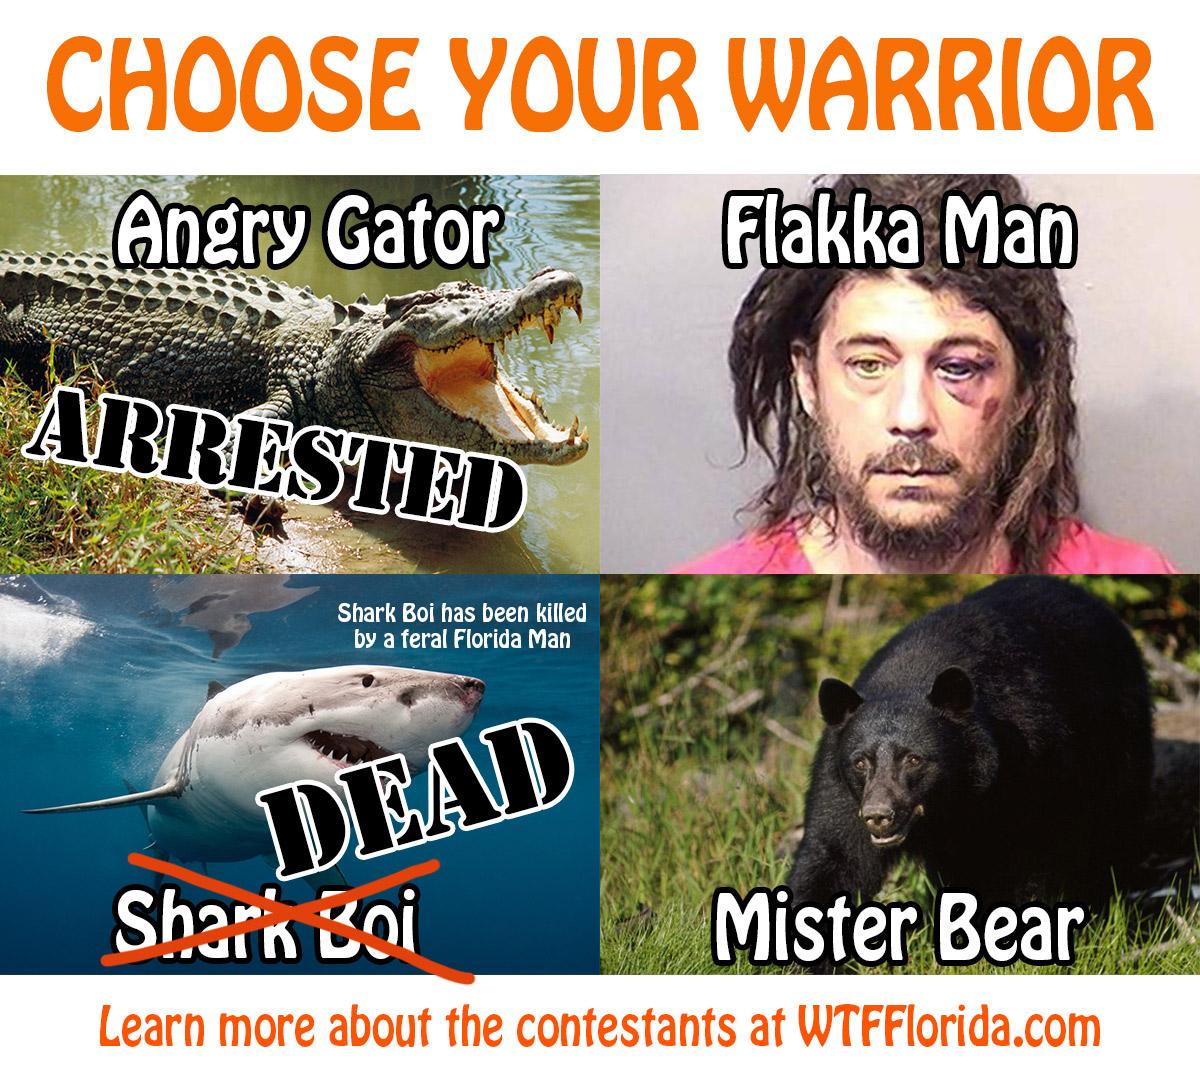 ChooseWarrior3